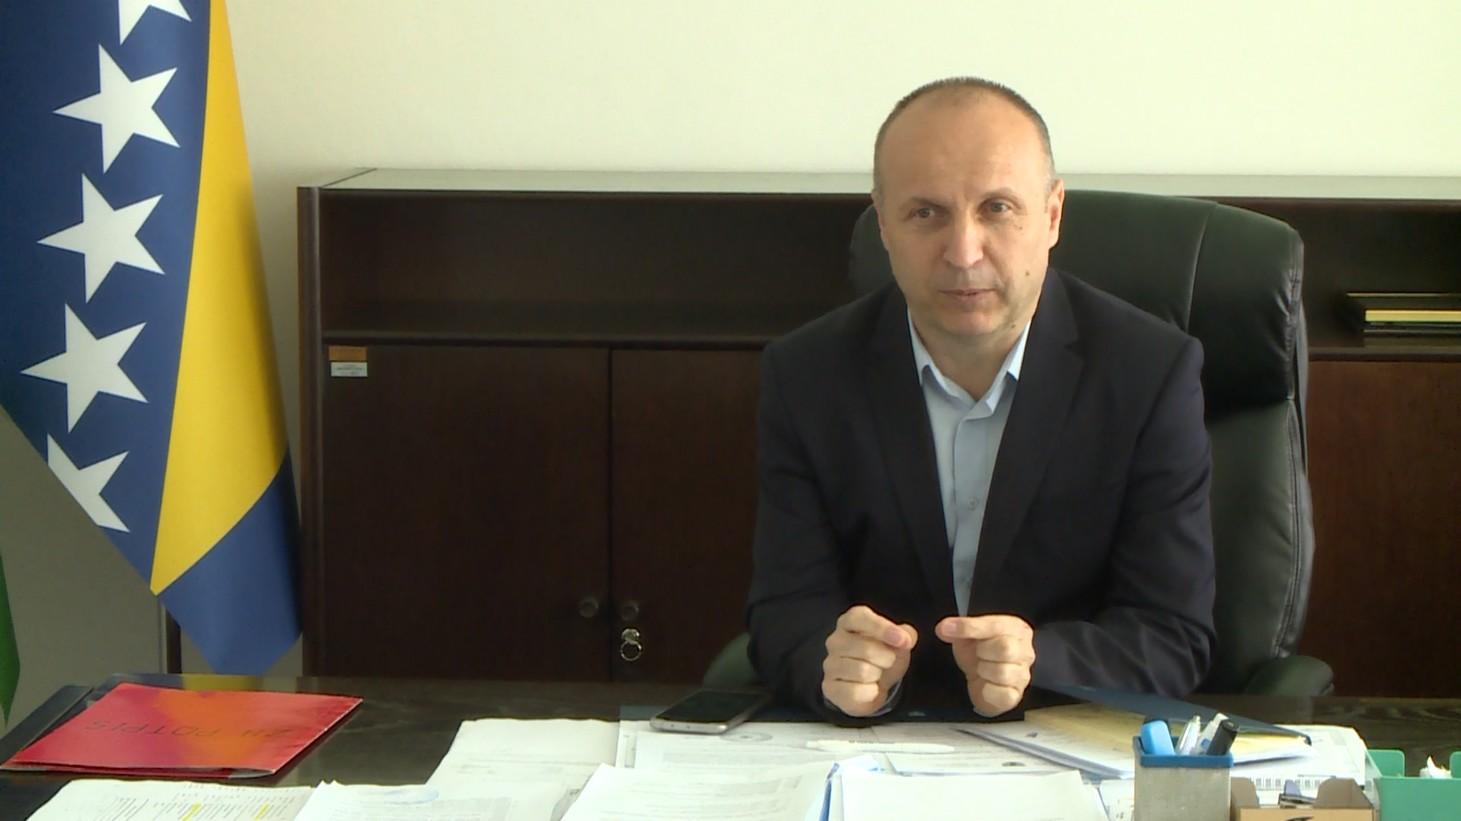 ZA DNEVNIK RTV USK O NOVOM ZAKONU O KONCESIJAMA GOVORI NIJAZ KADIRIĆ, MINISTAR PRIVREDE